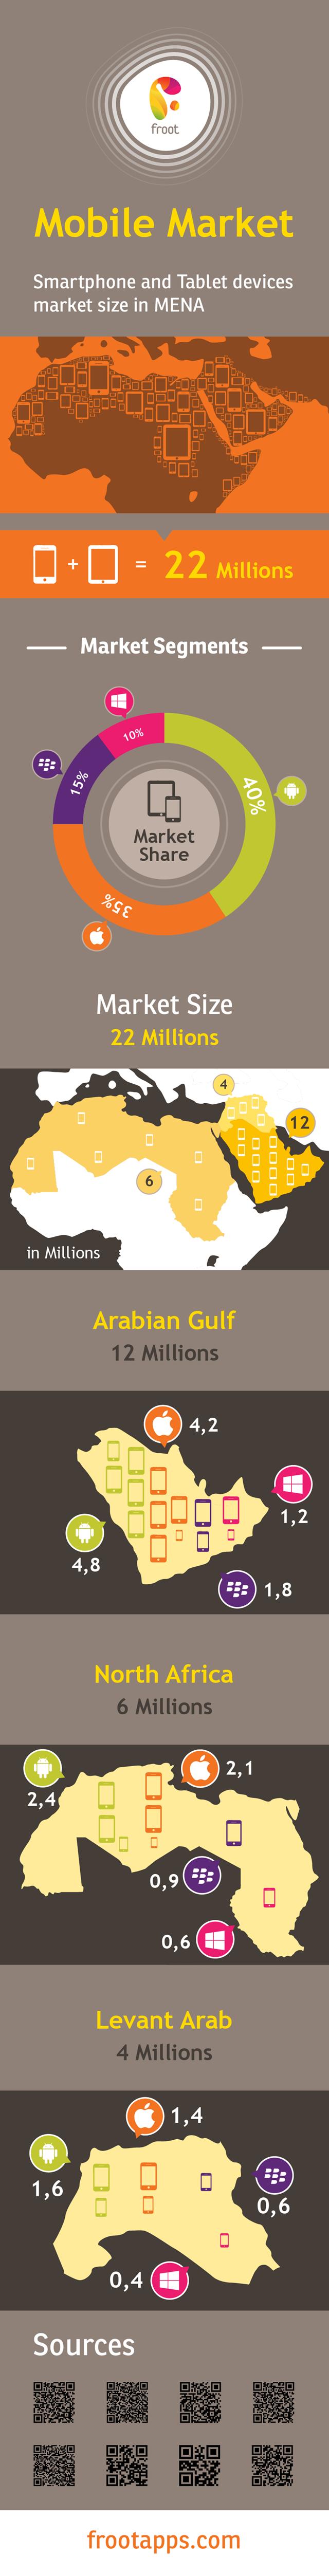 انفوجرافيك سوق الهواتف الذكية والتابلت في الشرق الأوسط